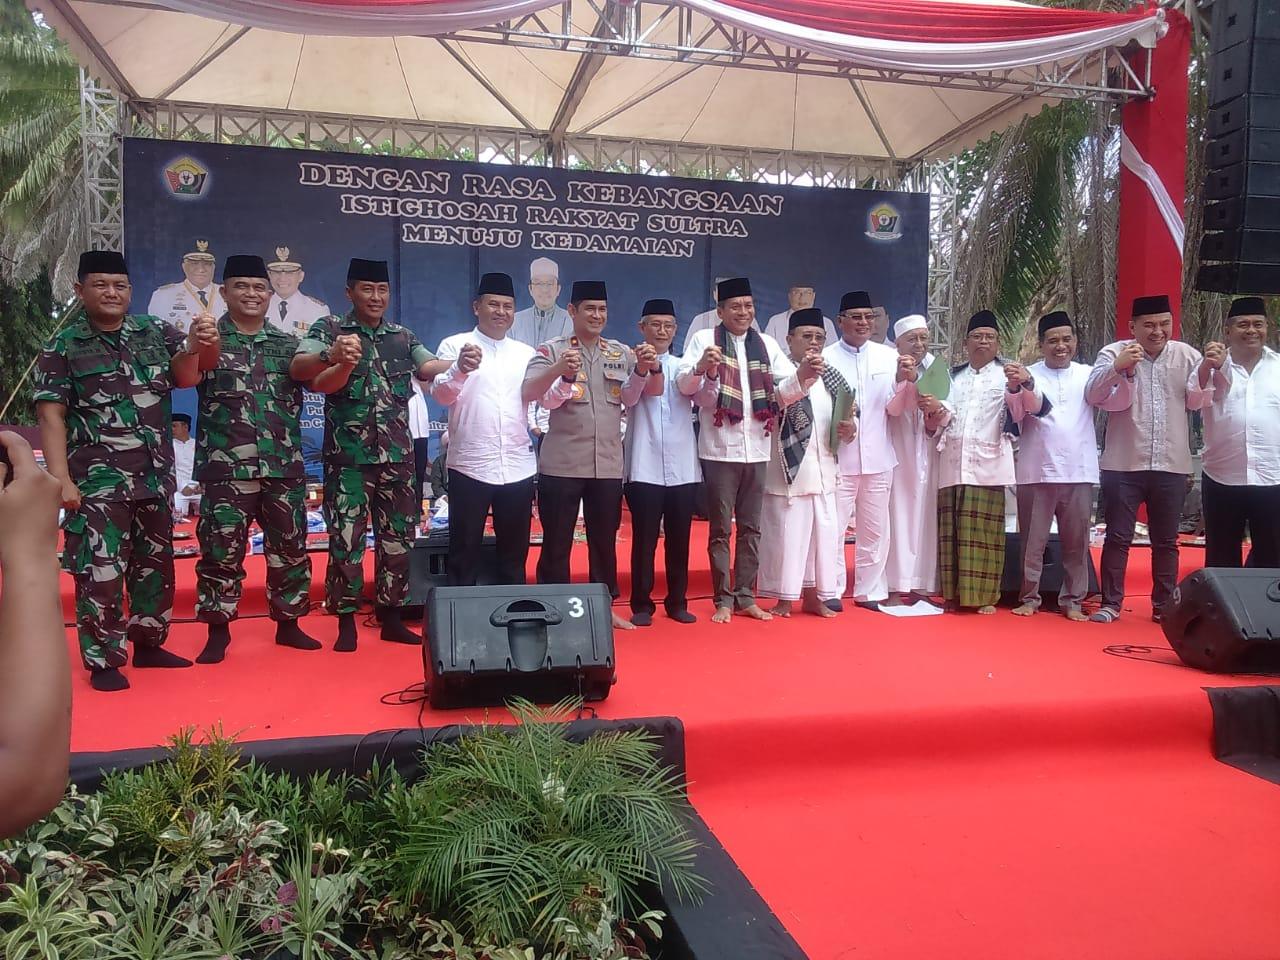 ISTIGASAH KEBANGSAAN - Foto bersama usai deklarasi damai dan kondusif mendukung pelantikan Presiden dan Wakil Presiden terpilih, Ir. H. Joko Widodo dan K.H. Ma'ruf Amin pada 2 Oktober 2019 besok di depan kantor DPRD Provinsi Sultra.